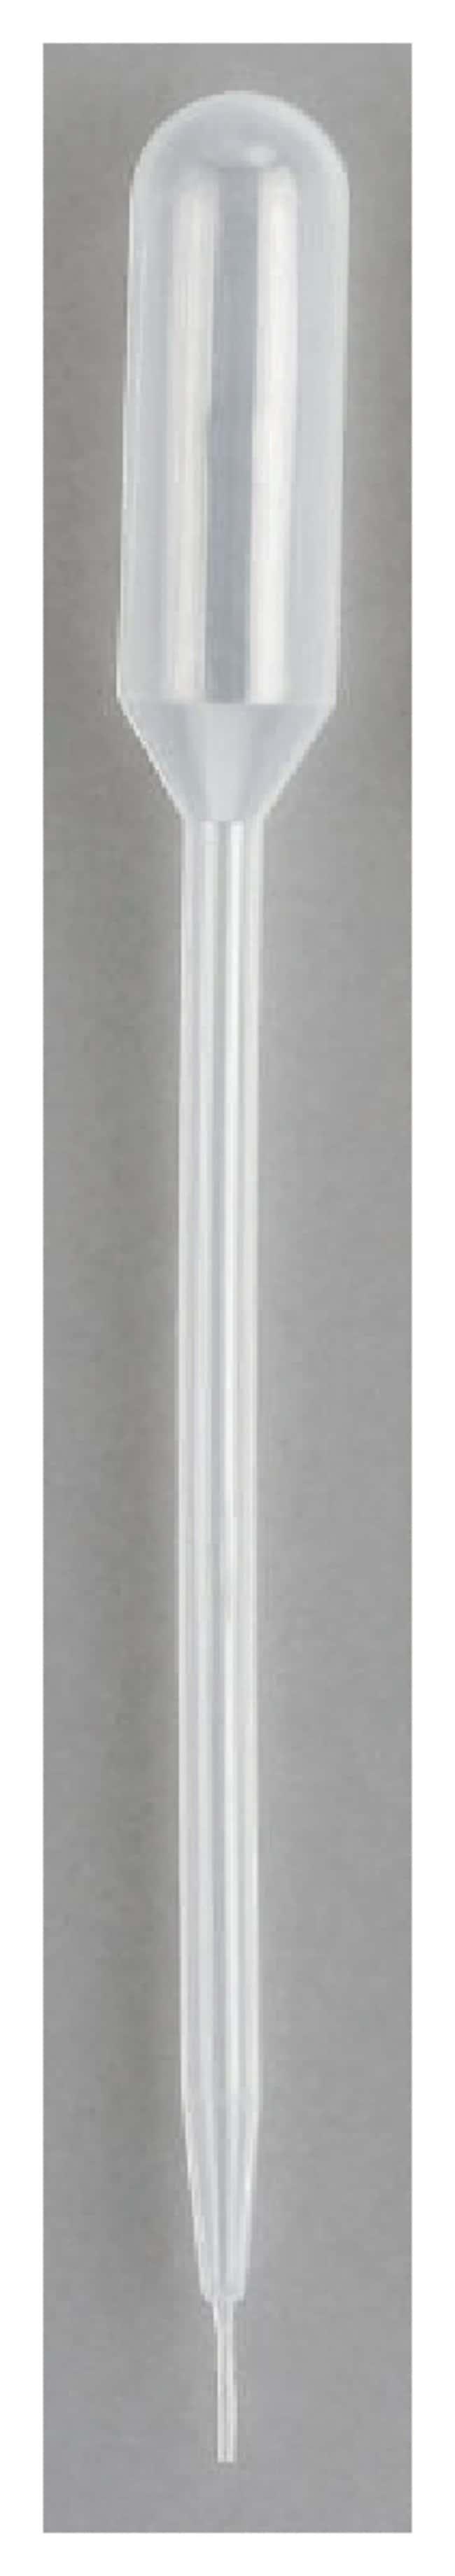 Thermo Scientific™Samco™ Fine Tip Transfer Pipettes 5.8mL; Fine tip; Standard Bulb Thermo Scientific™Samco™ Fine Tip Transfer Pipettes